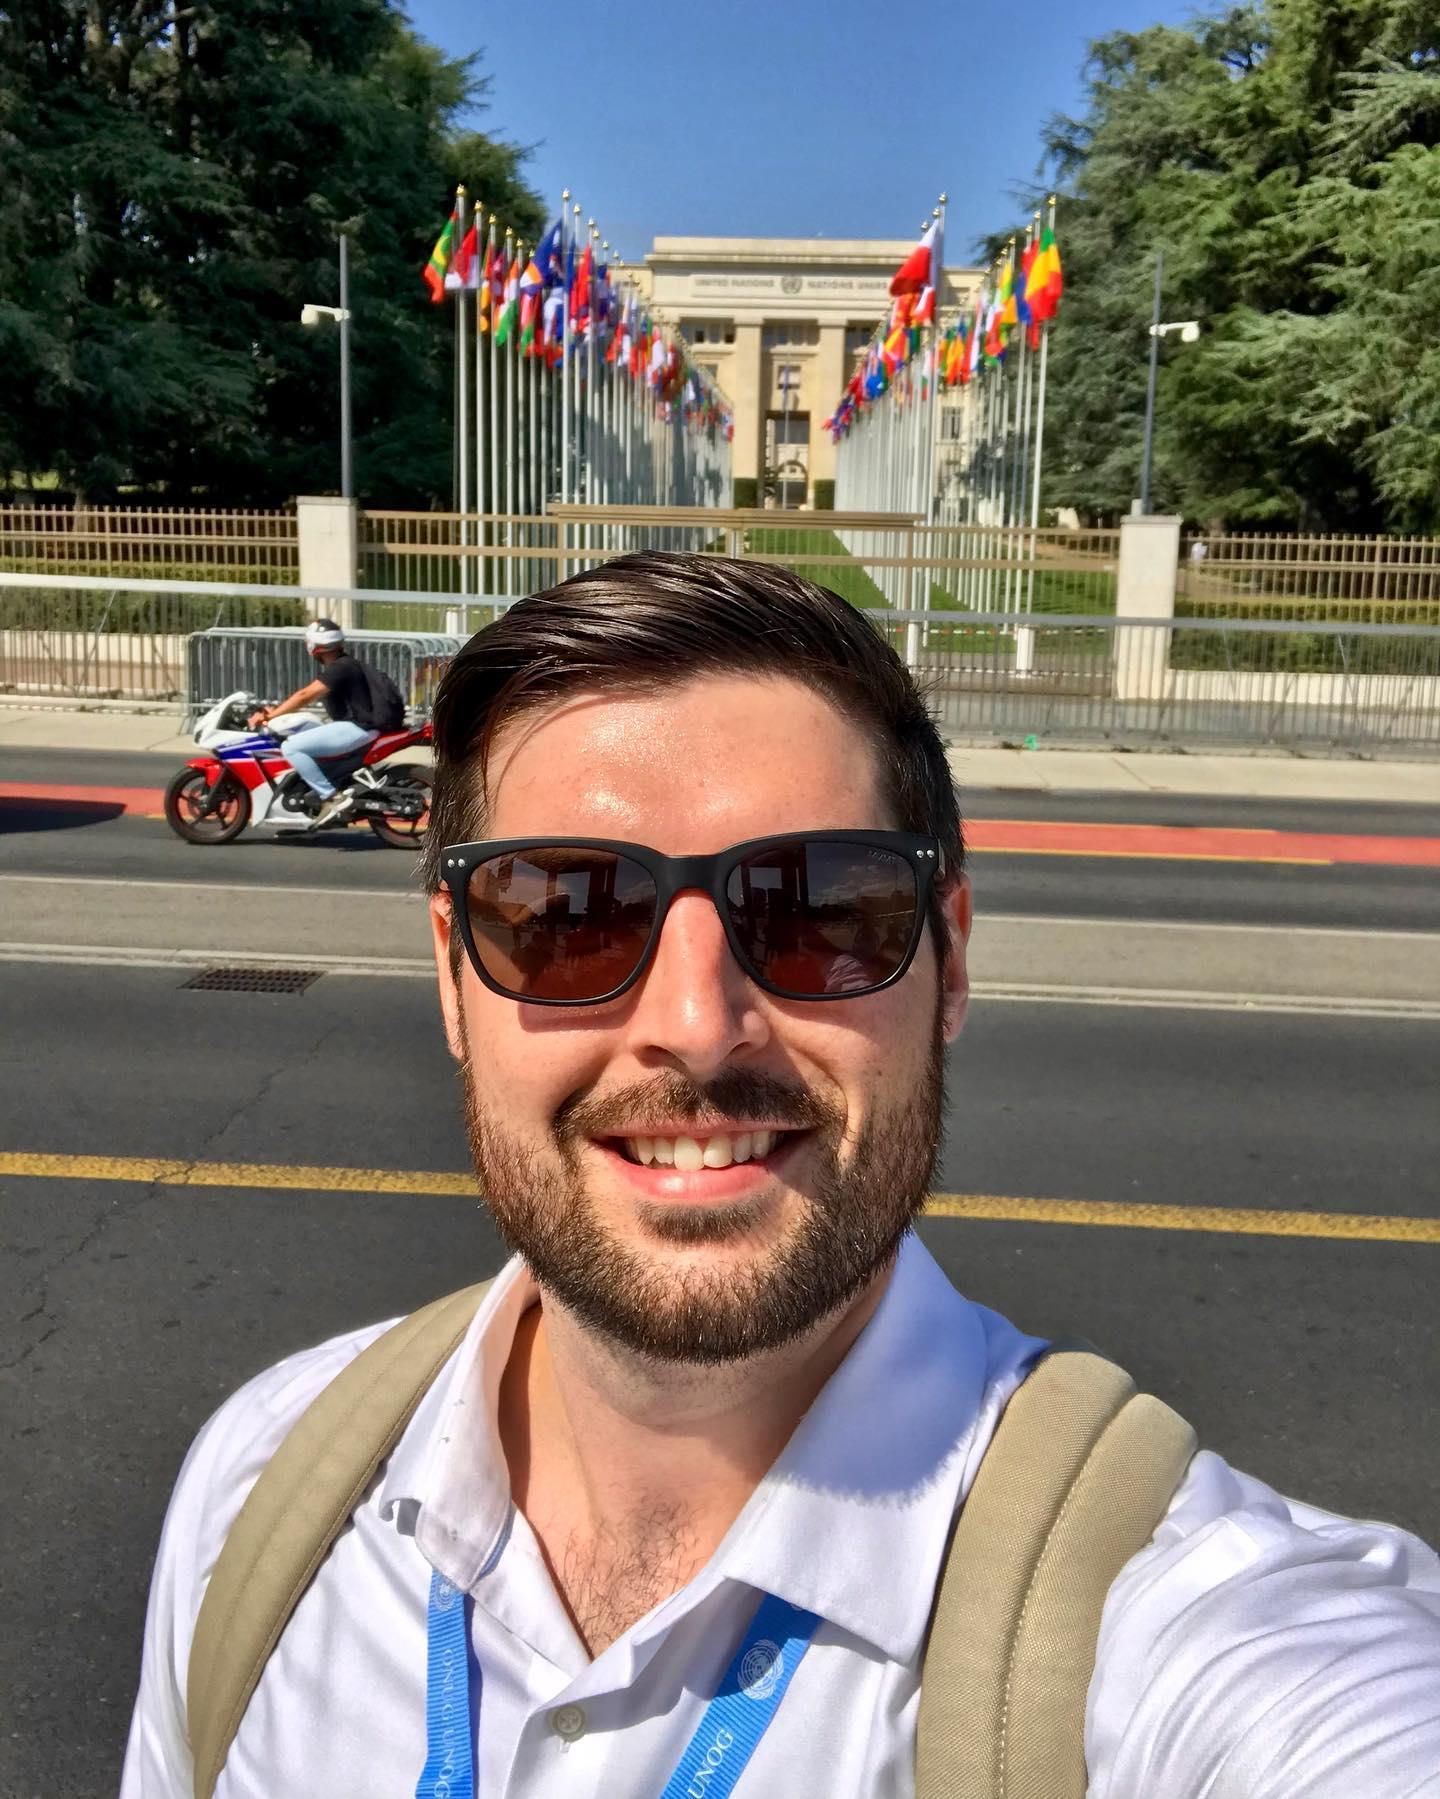 Brian Letts at the UN in Geneva